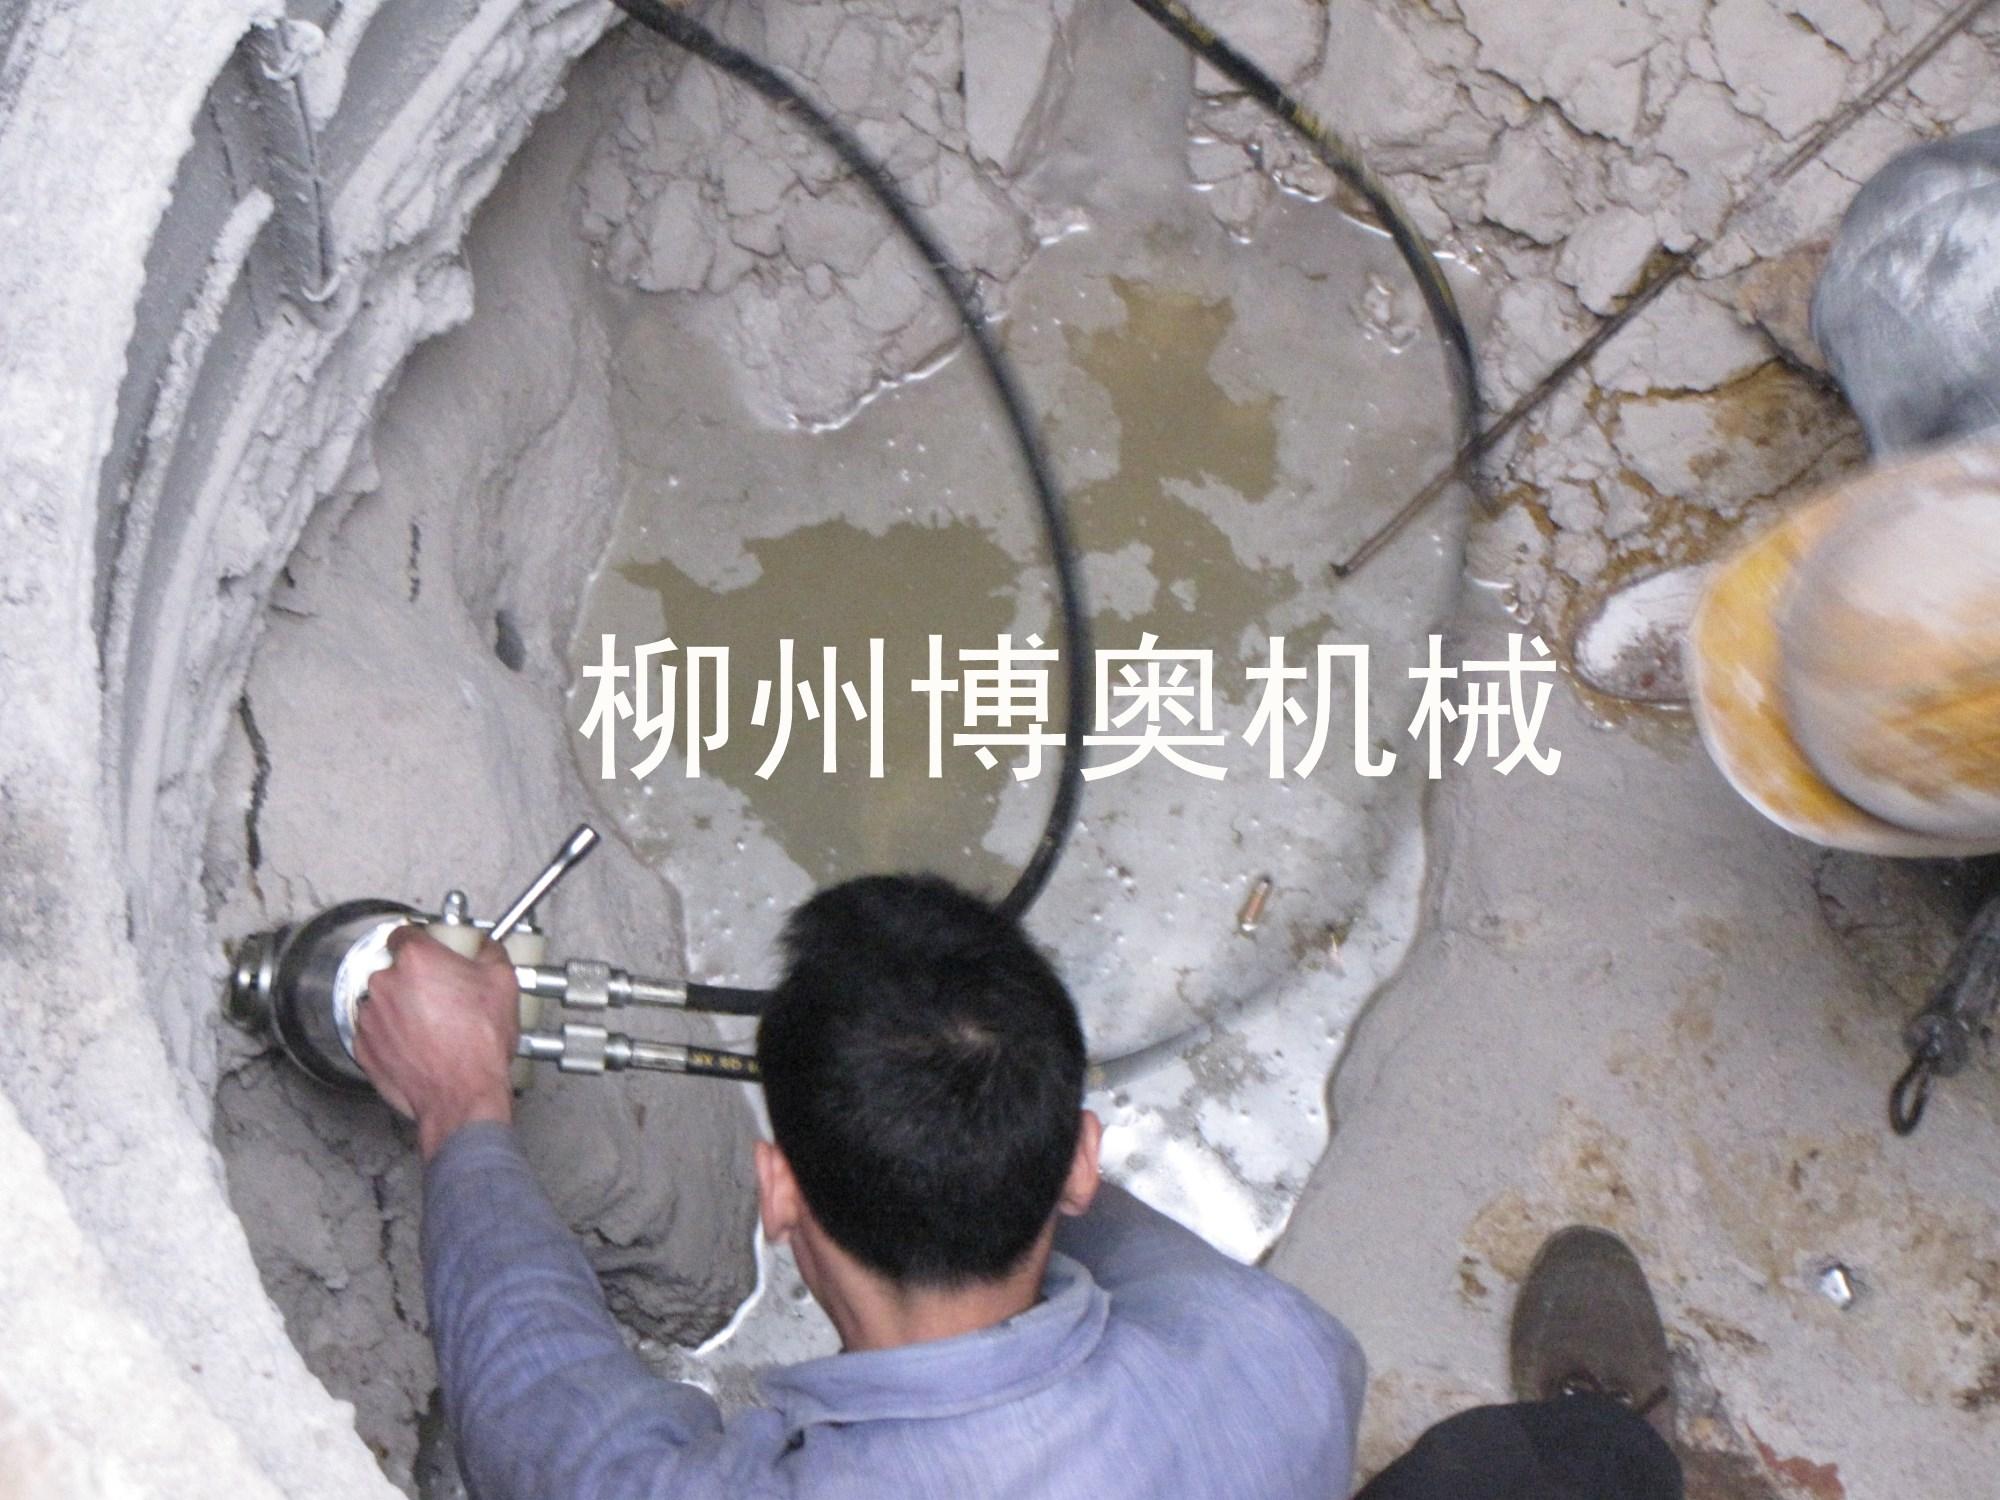 05井下施工替代膨胀剂_副本